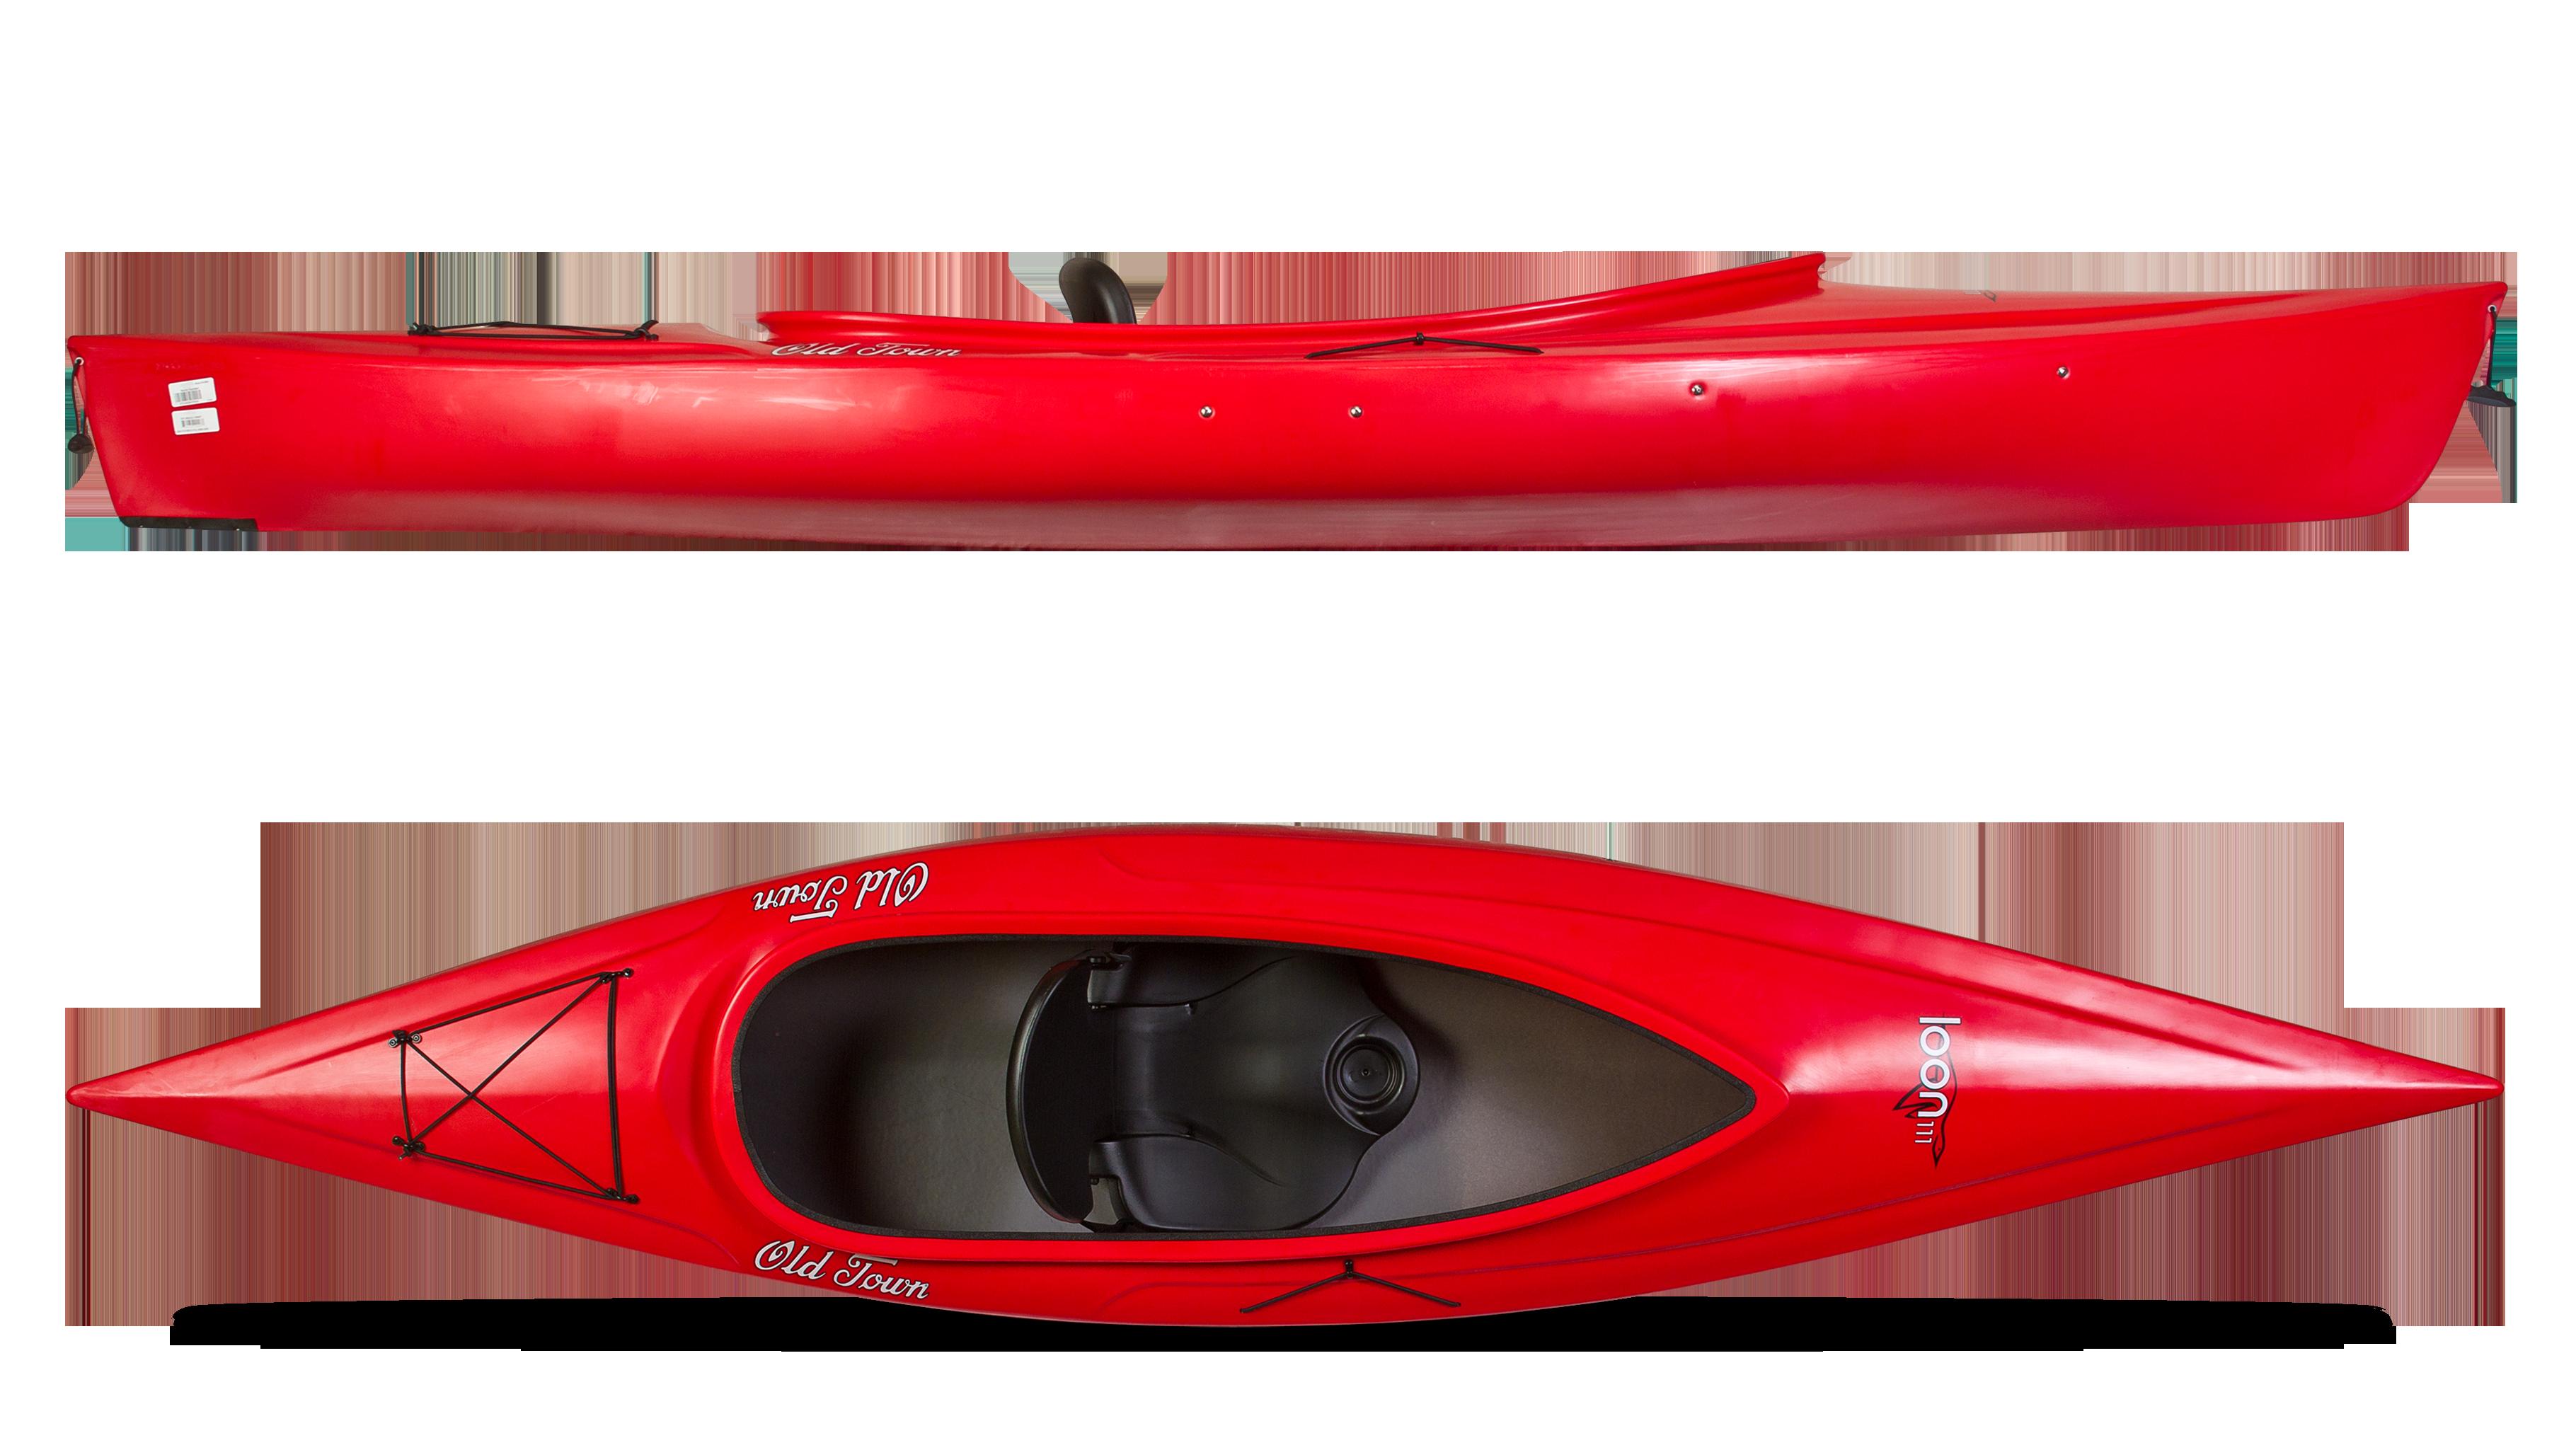 Foot Control Step Steering Wheel Watercraft Kayak Boat Rudder Direction Kit